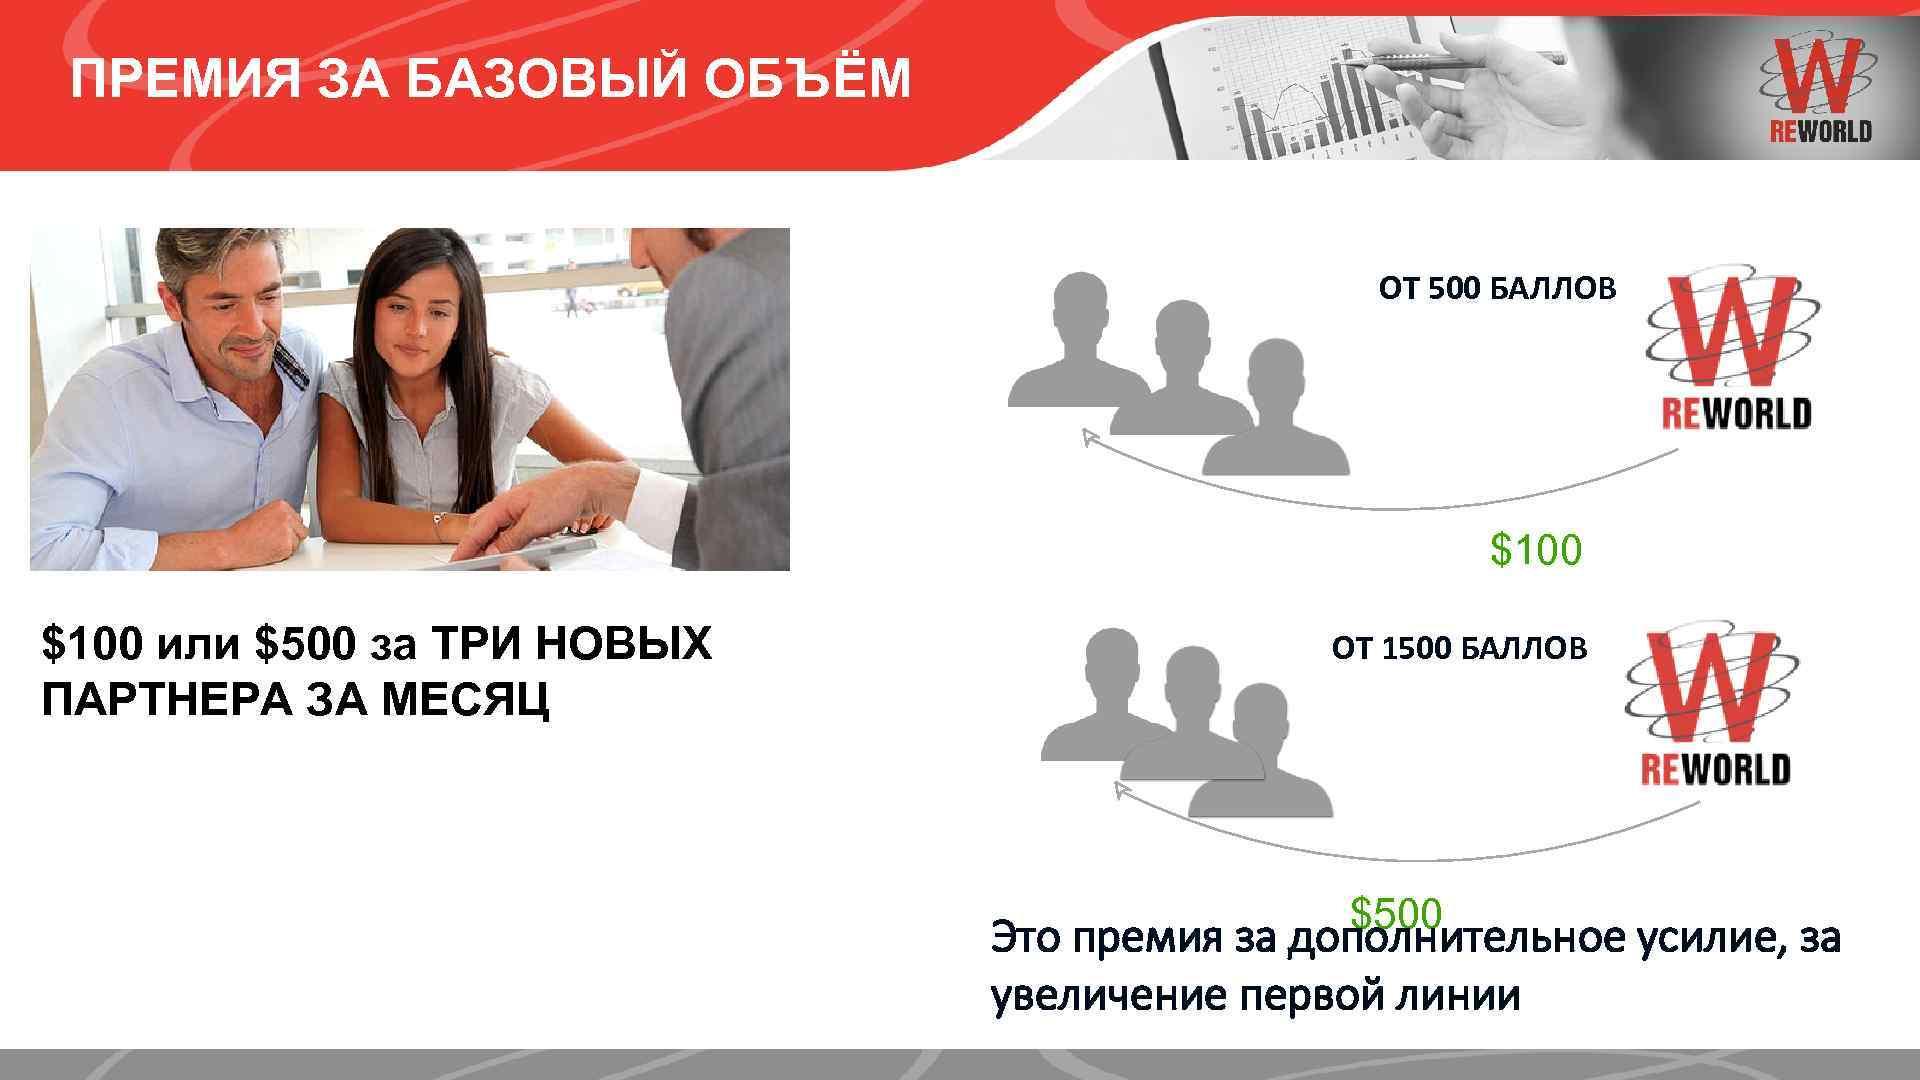 ПРЕМИЯ ЗА БАЗОВЫЙ ОБЪЁМ ОТ 500 БАЛЛОВ $100 или $500 за ТРИ НОВЫХ ПАРТНЕРА